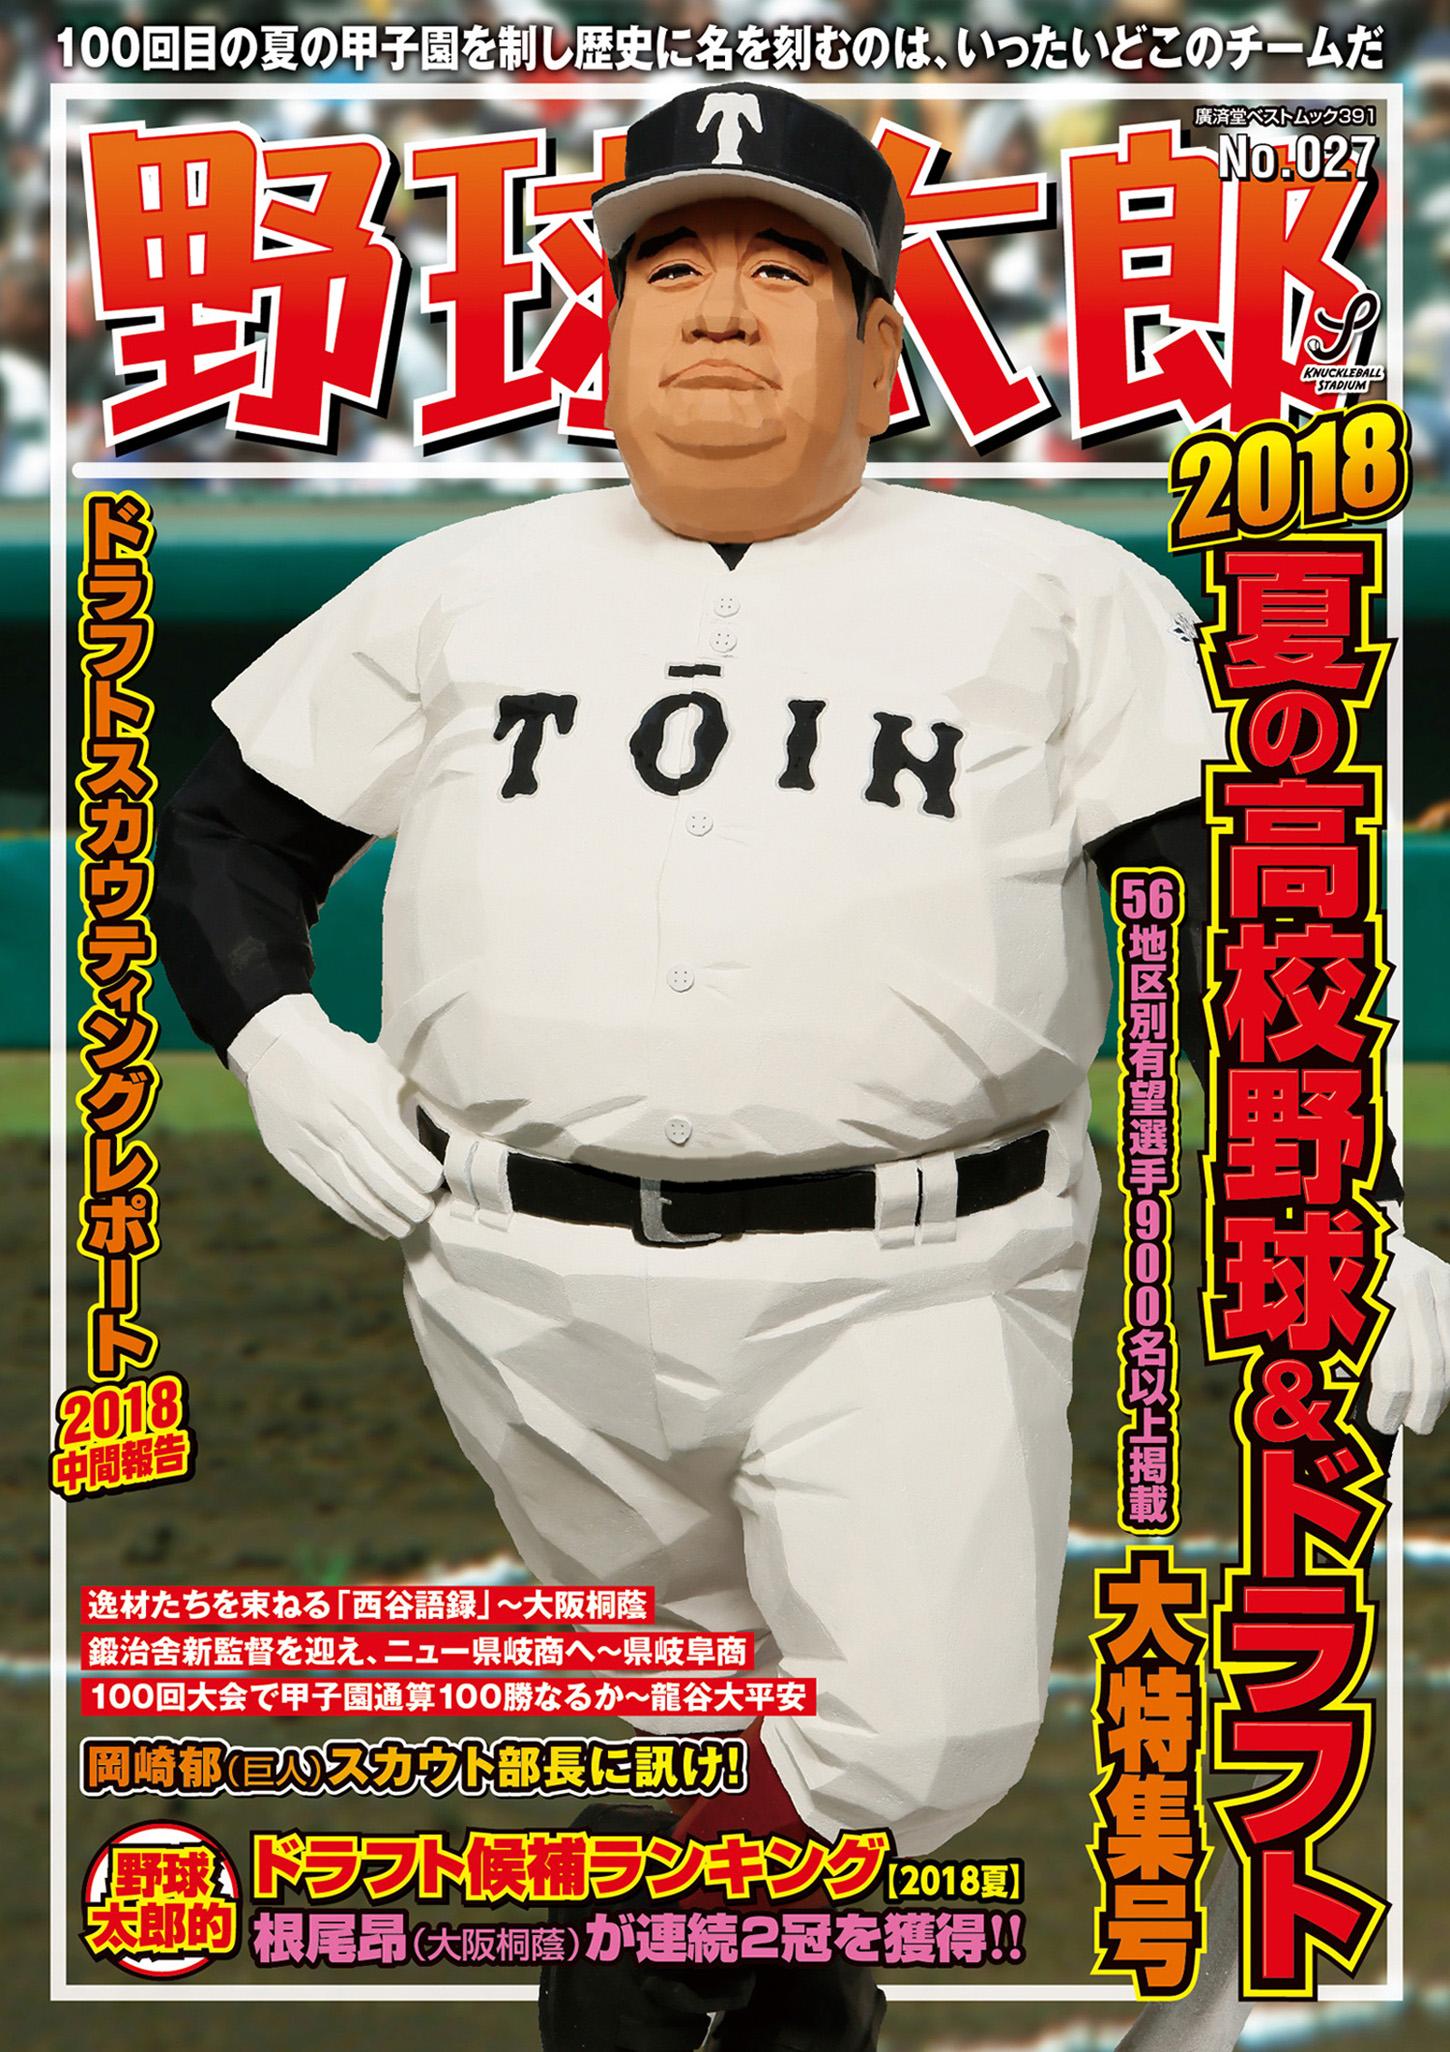 『野球太郎No.027 2018夏の高校野球&ドラフト特集号』